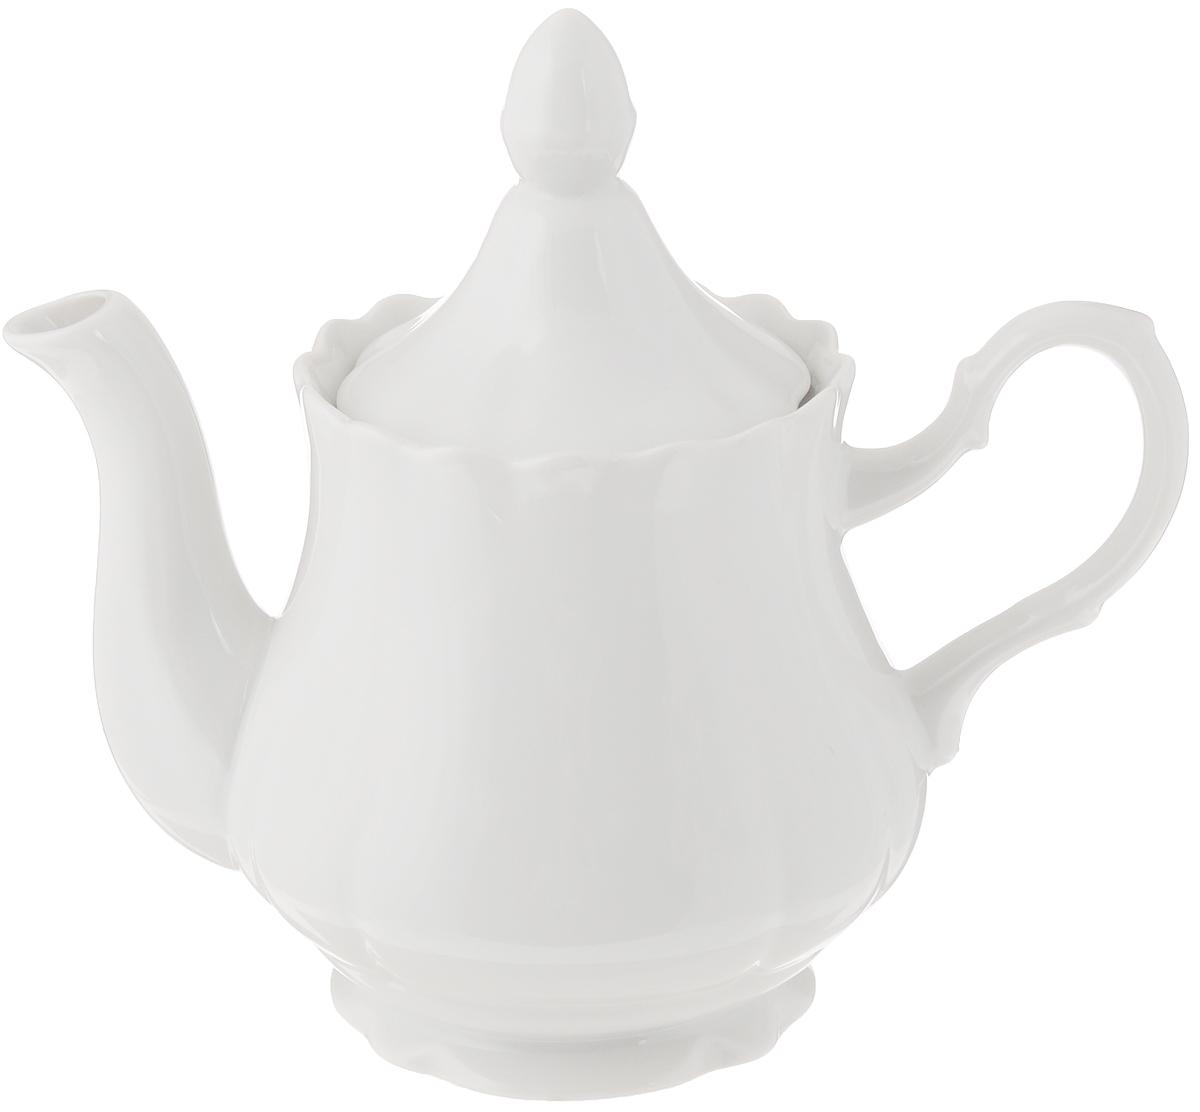 Чайник заварочный Добрушский фарфоровый завод Романс, цвет: белый, 800 млCM000001328Заварочный чайник Романс выполнен из высококачественного фарфора и покрыт сверкающей глазурью. Изделие оснащено крышкой. Заварочный чайник Романс придется по вкусу и ценителям классики, и тем, кто предпочитает современный стиль.Диаметр (по верхнему краю): 9 см. Высота чайника (без учета крышки): 12 см.